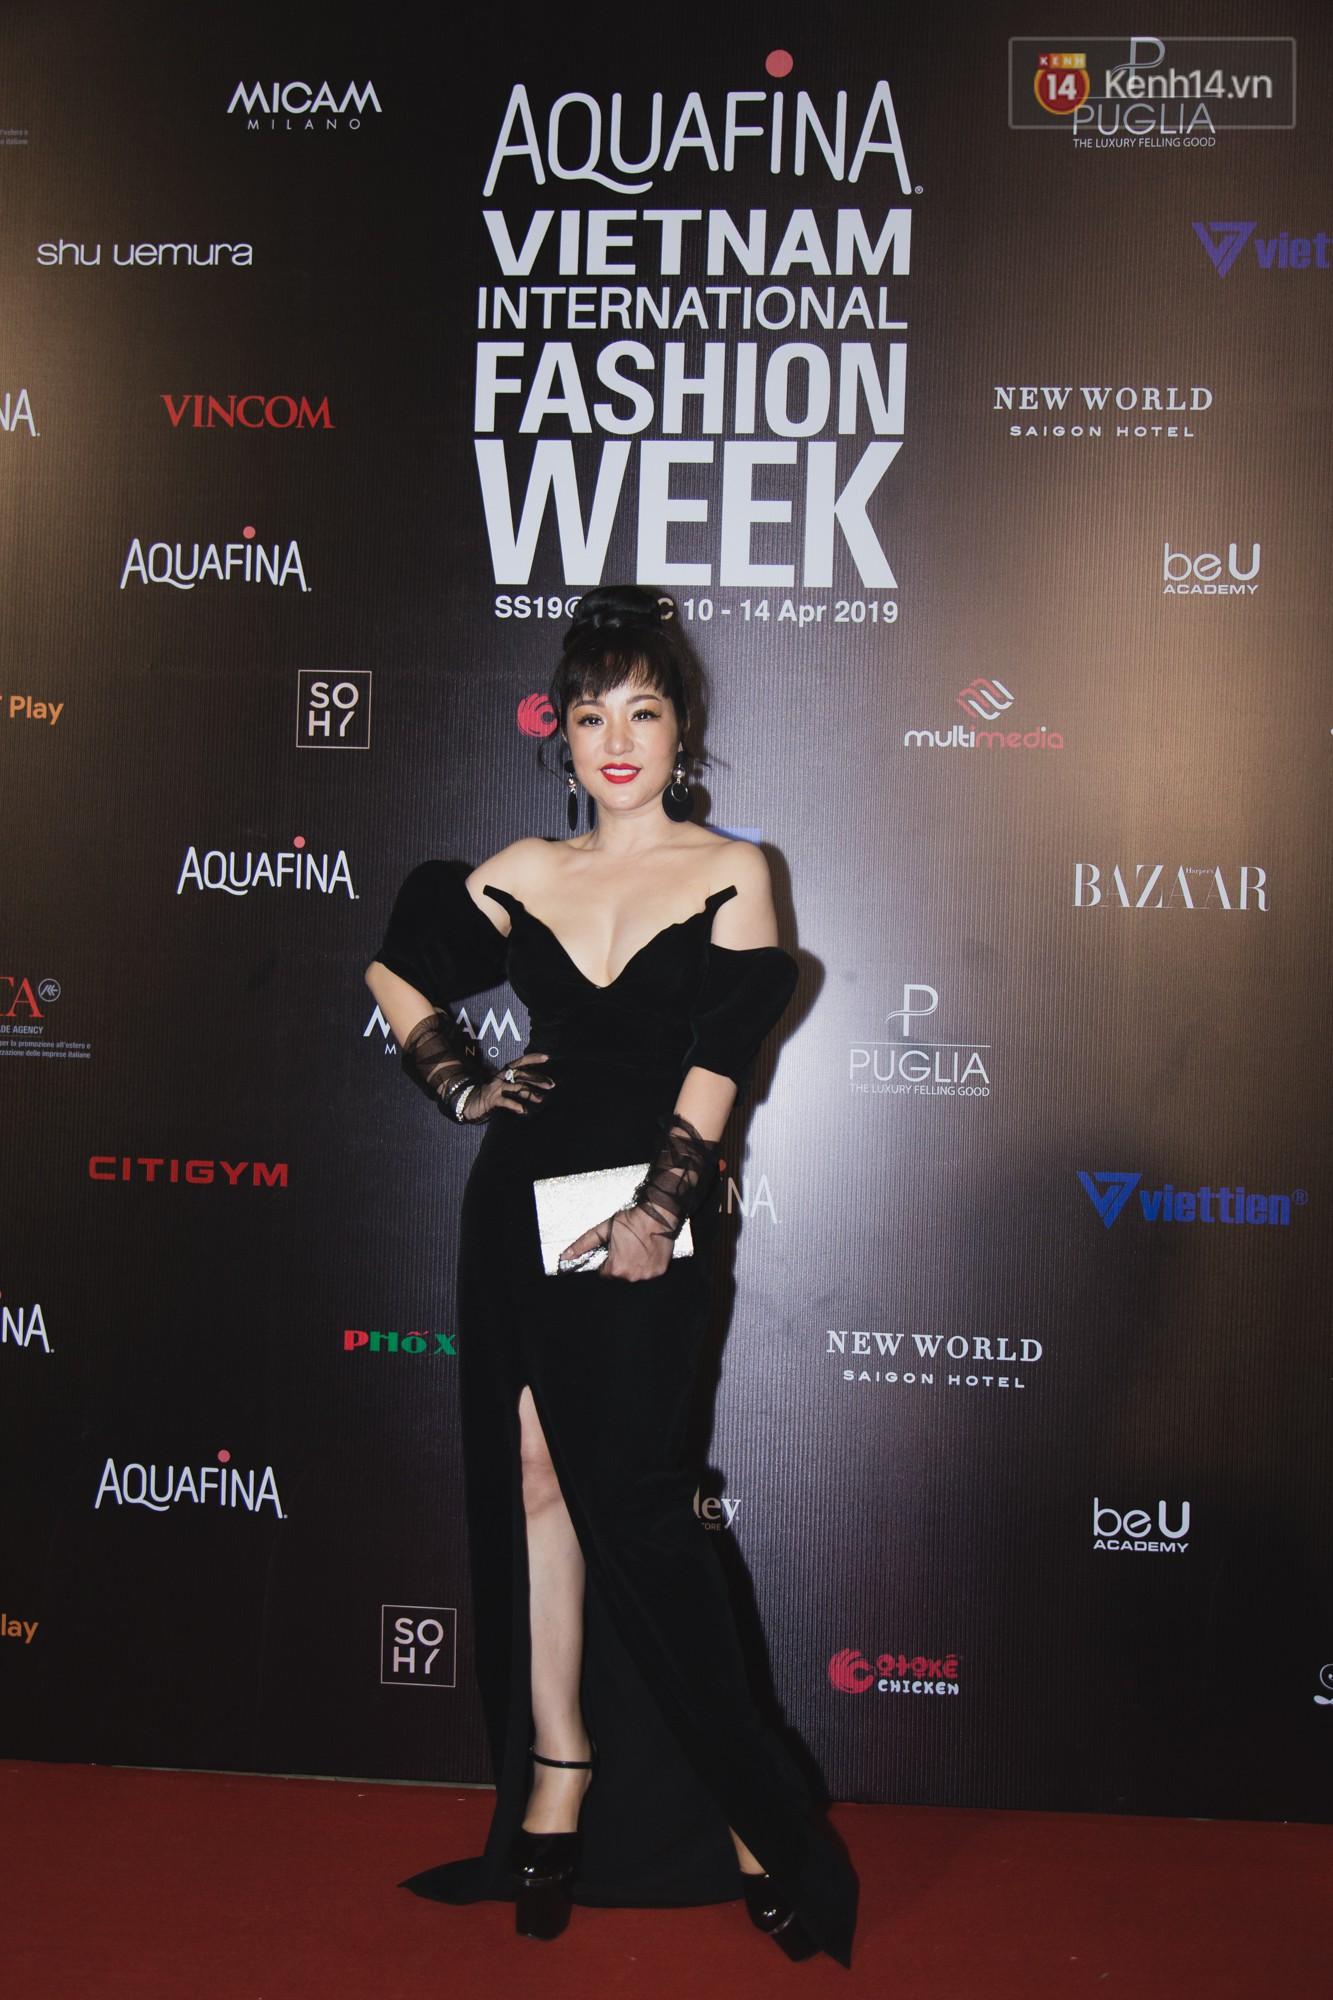 Linh Chi - Lâm Vinh Hải trông như cô dâu chú rể, Cindy Thái Tài lại hở bạo hết sức trên thảm đỏ Tuần lễ thời trang - Ảnh 10.